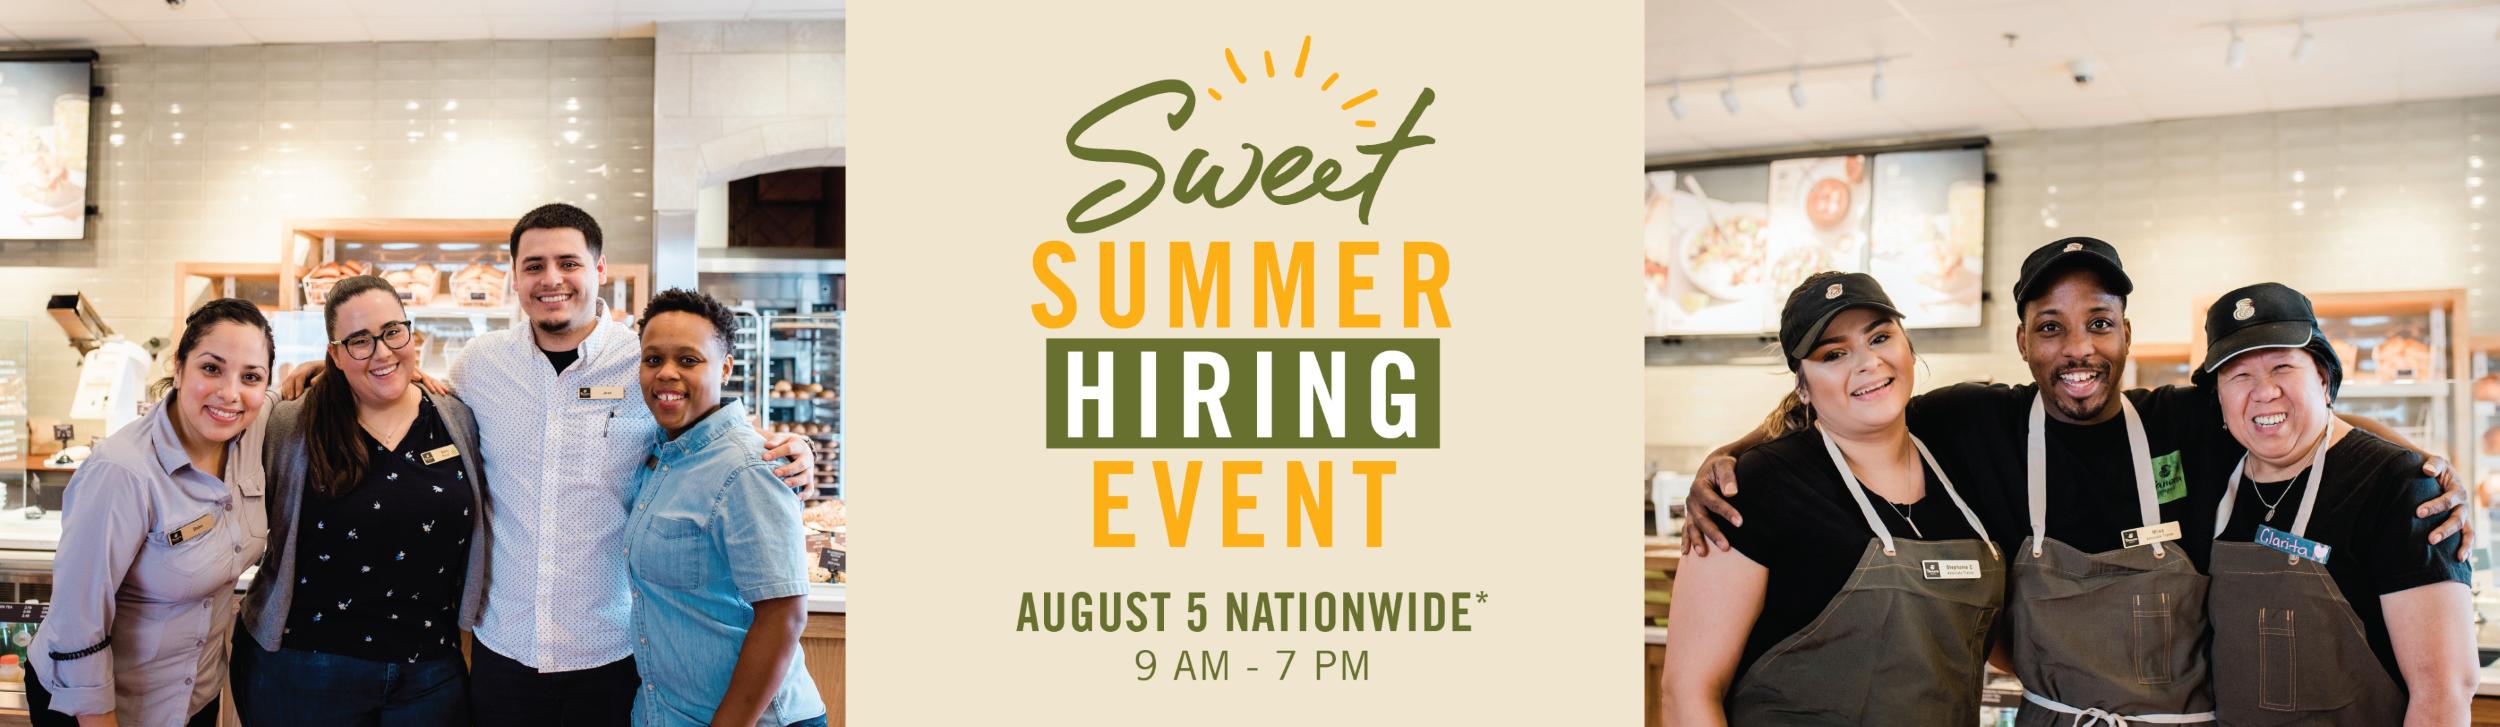 Sweet Summer Hiring Event